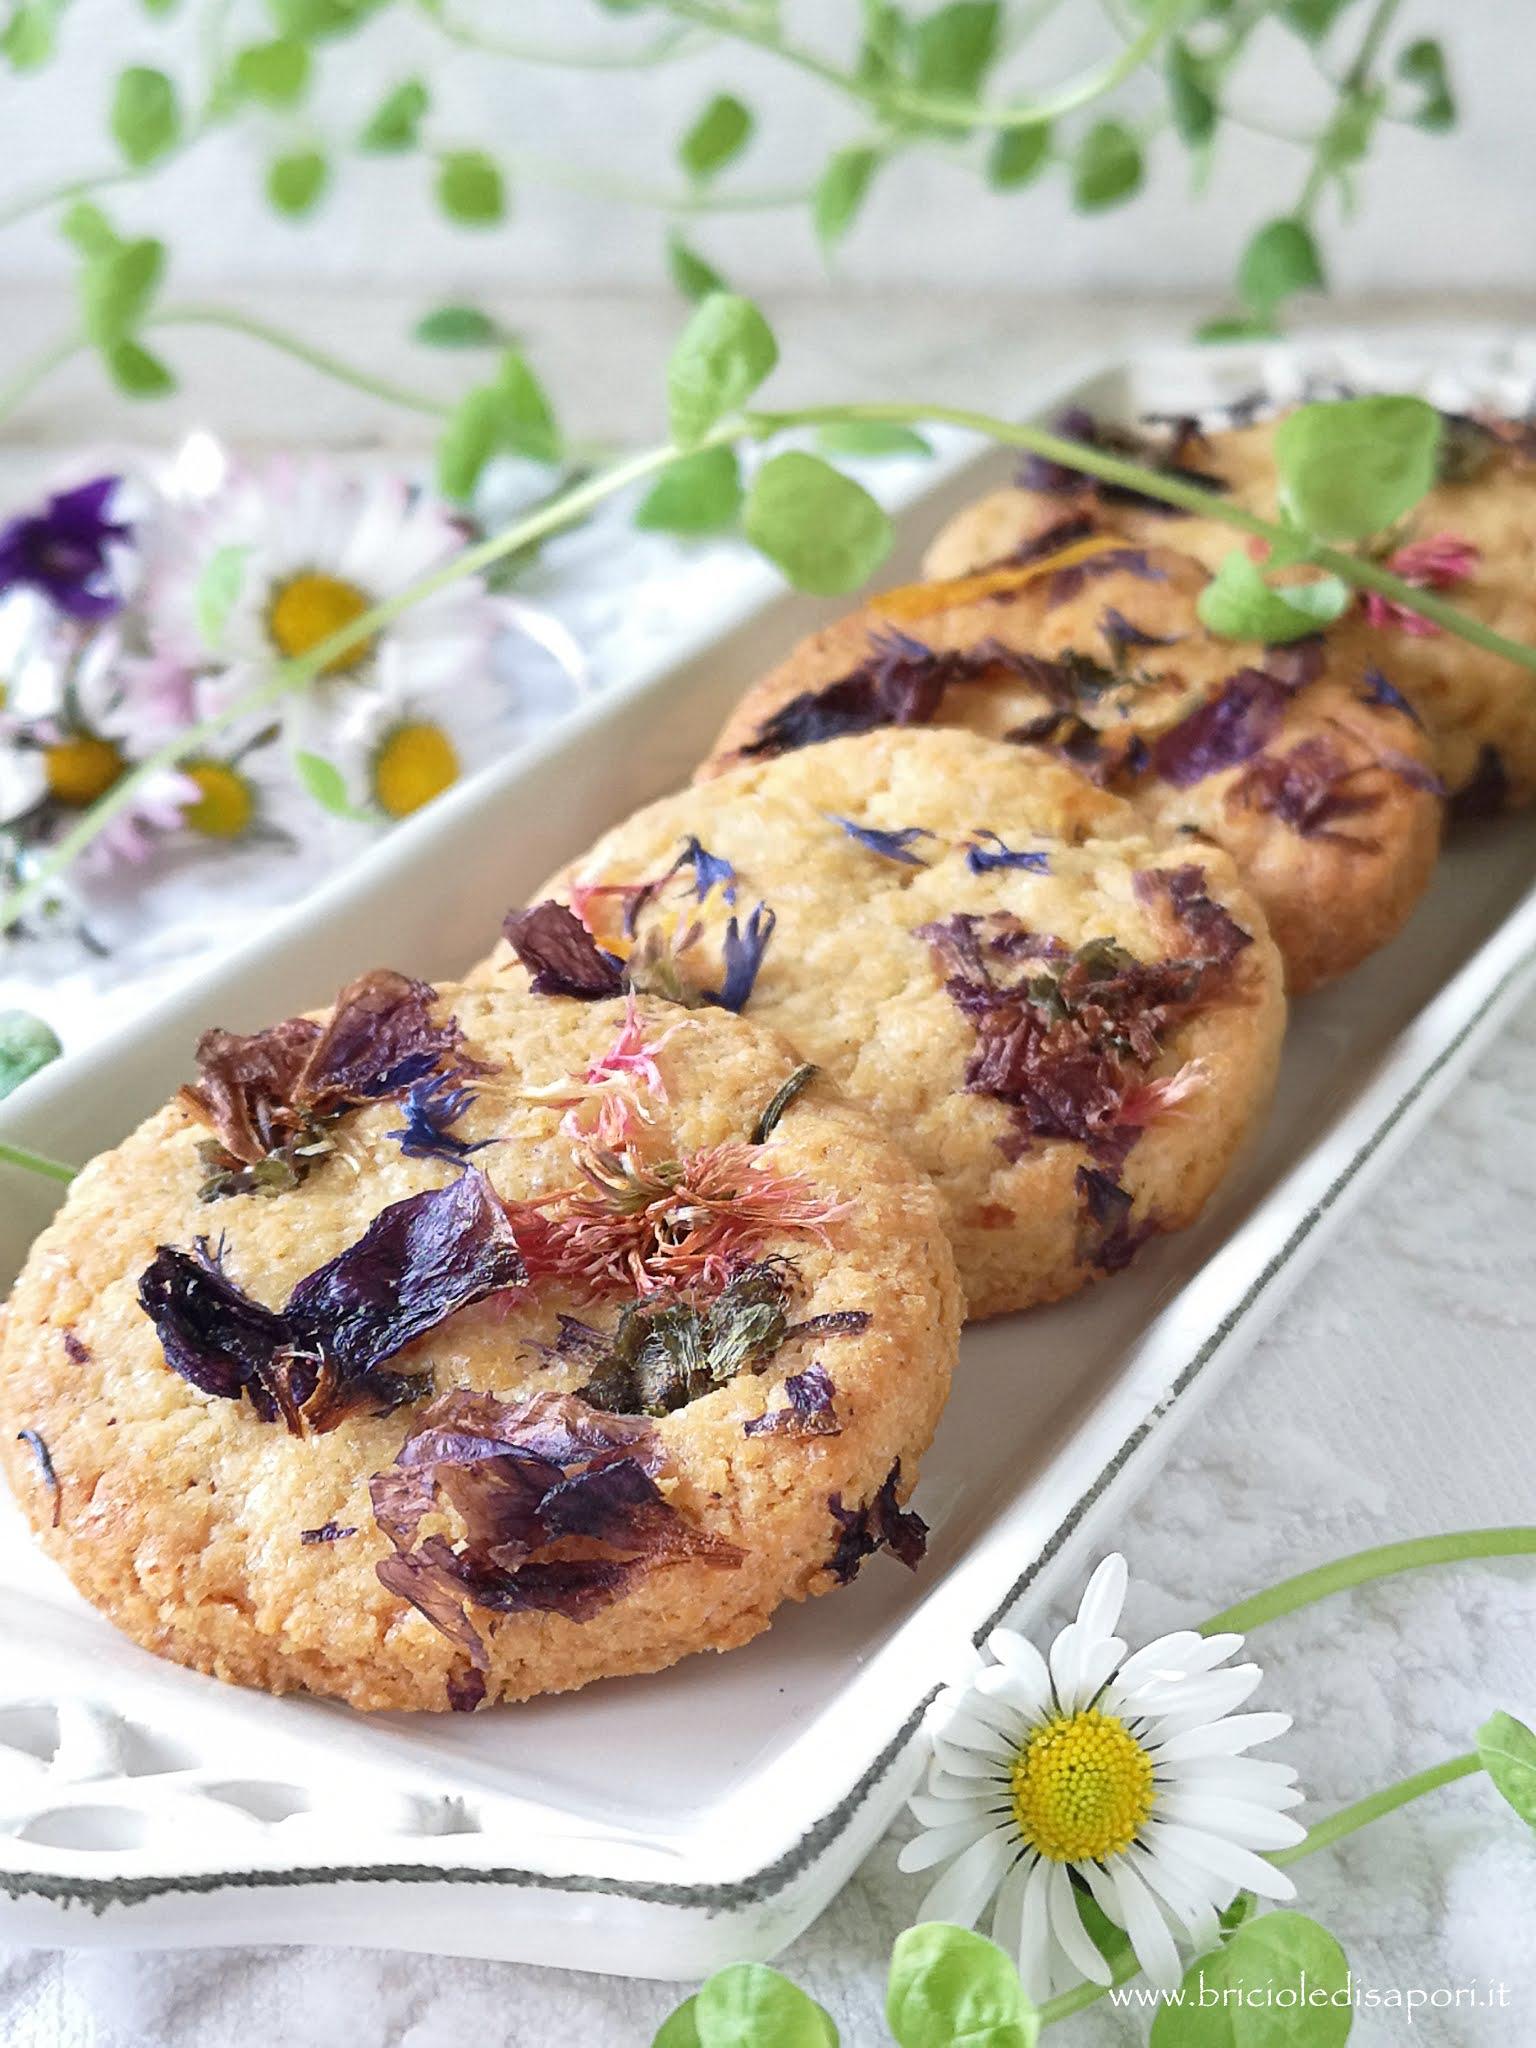 biscotti con fiori primaverili